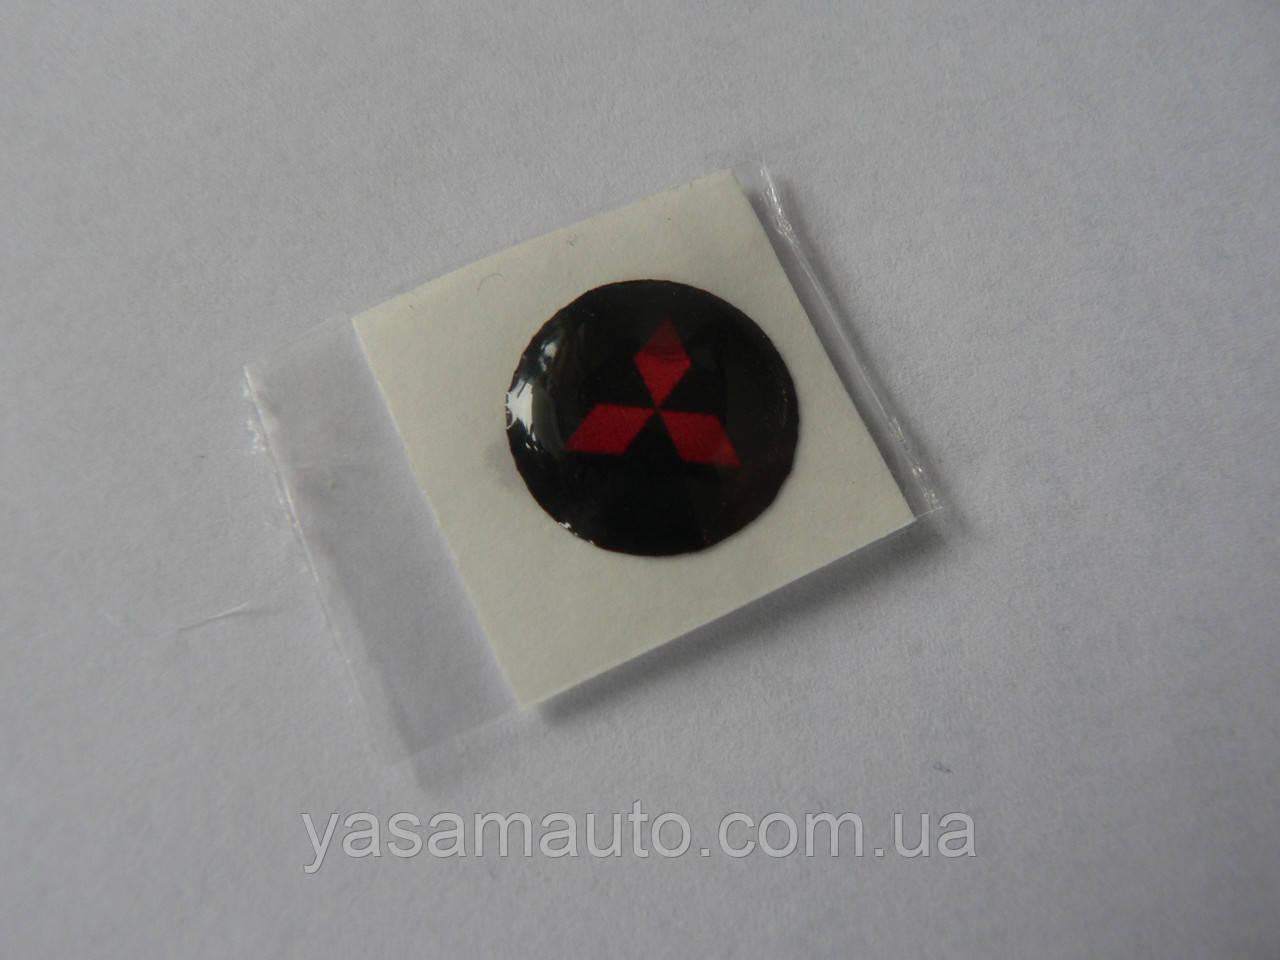 Наклейка s круглая Mitsubishi красная 11мм силиконовая эмблема в круге на авто ключи сигнализацию Митсубиши